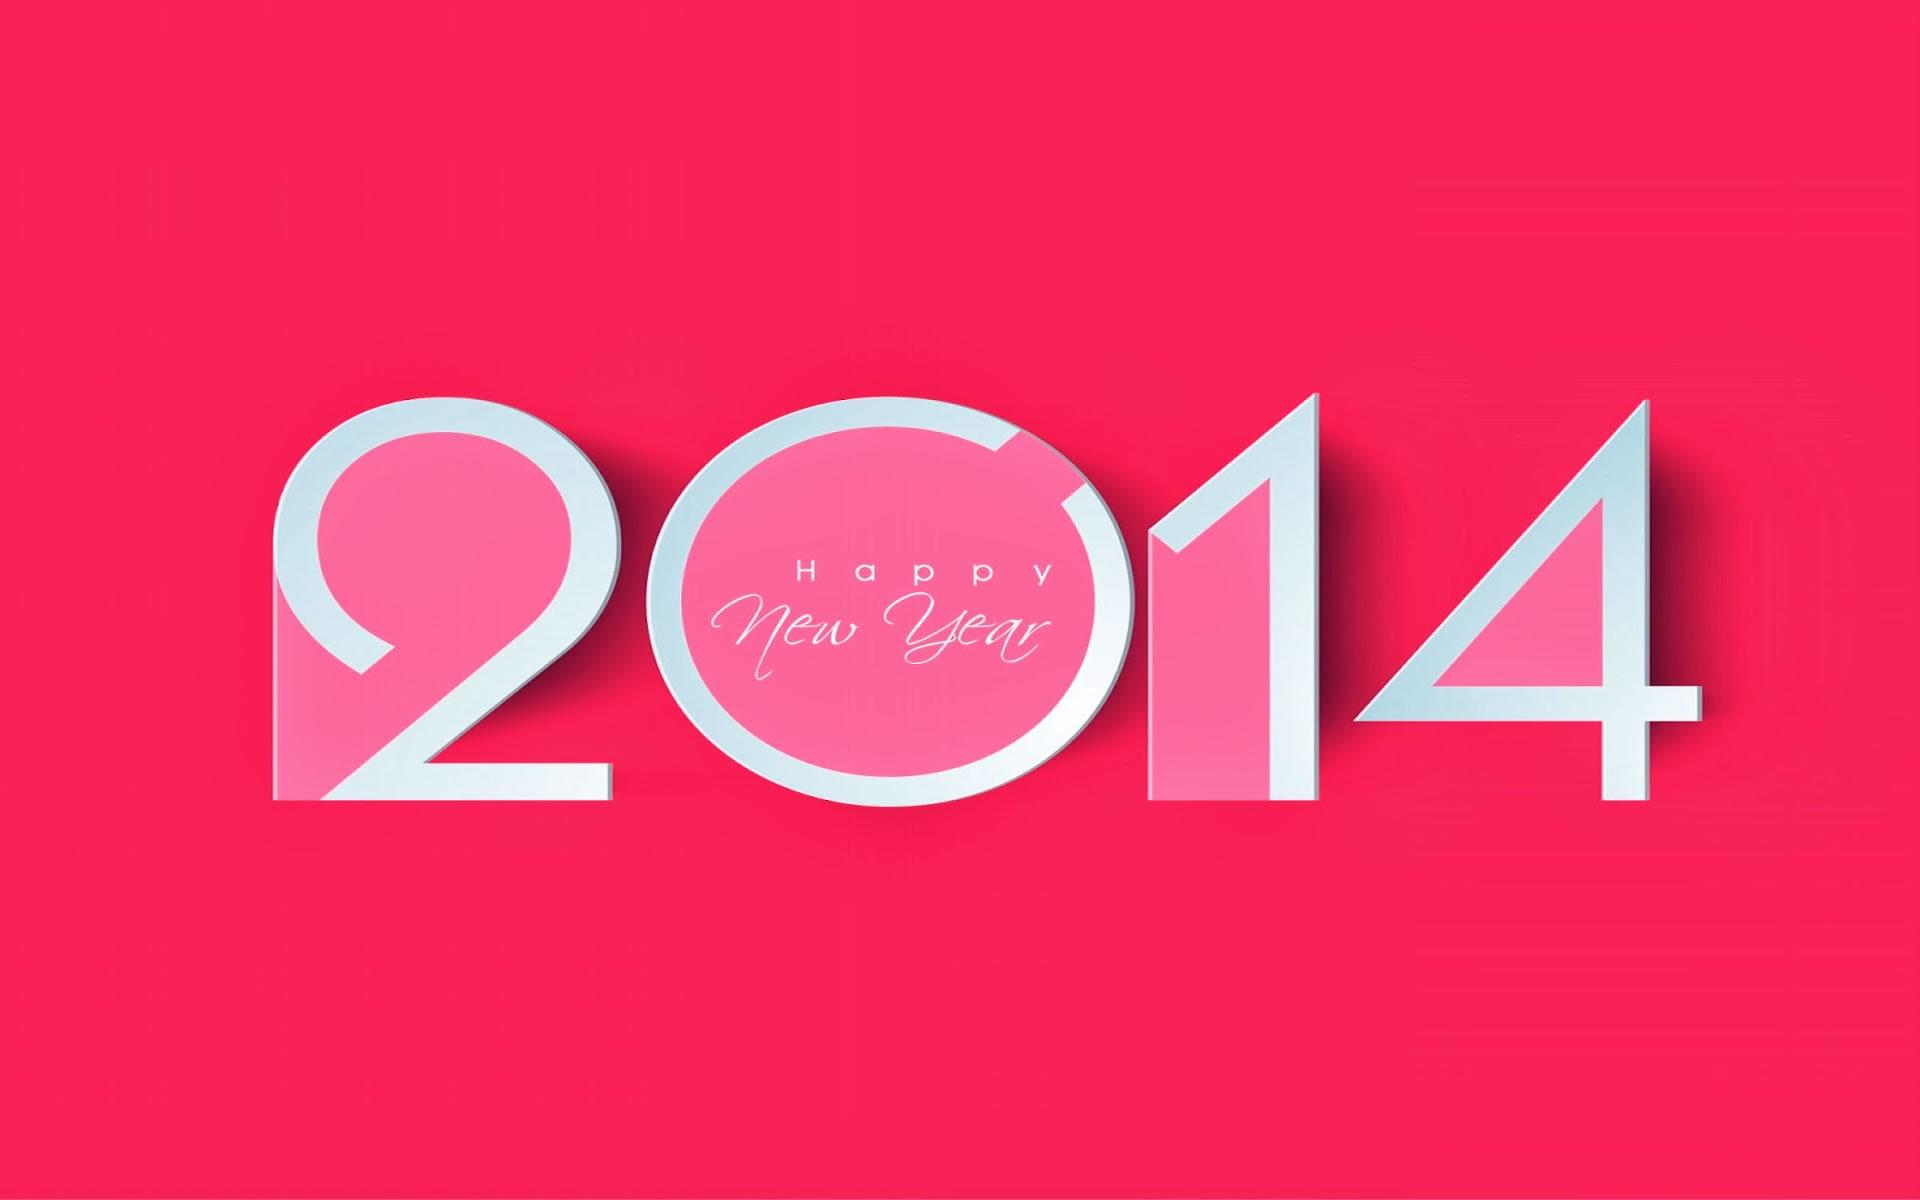 Fondos para Felicitar 2014